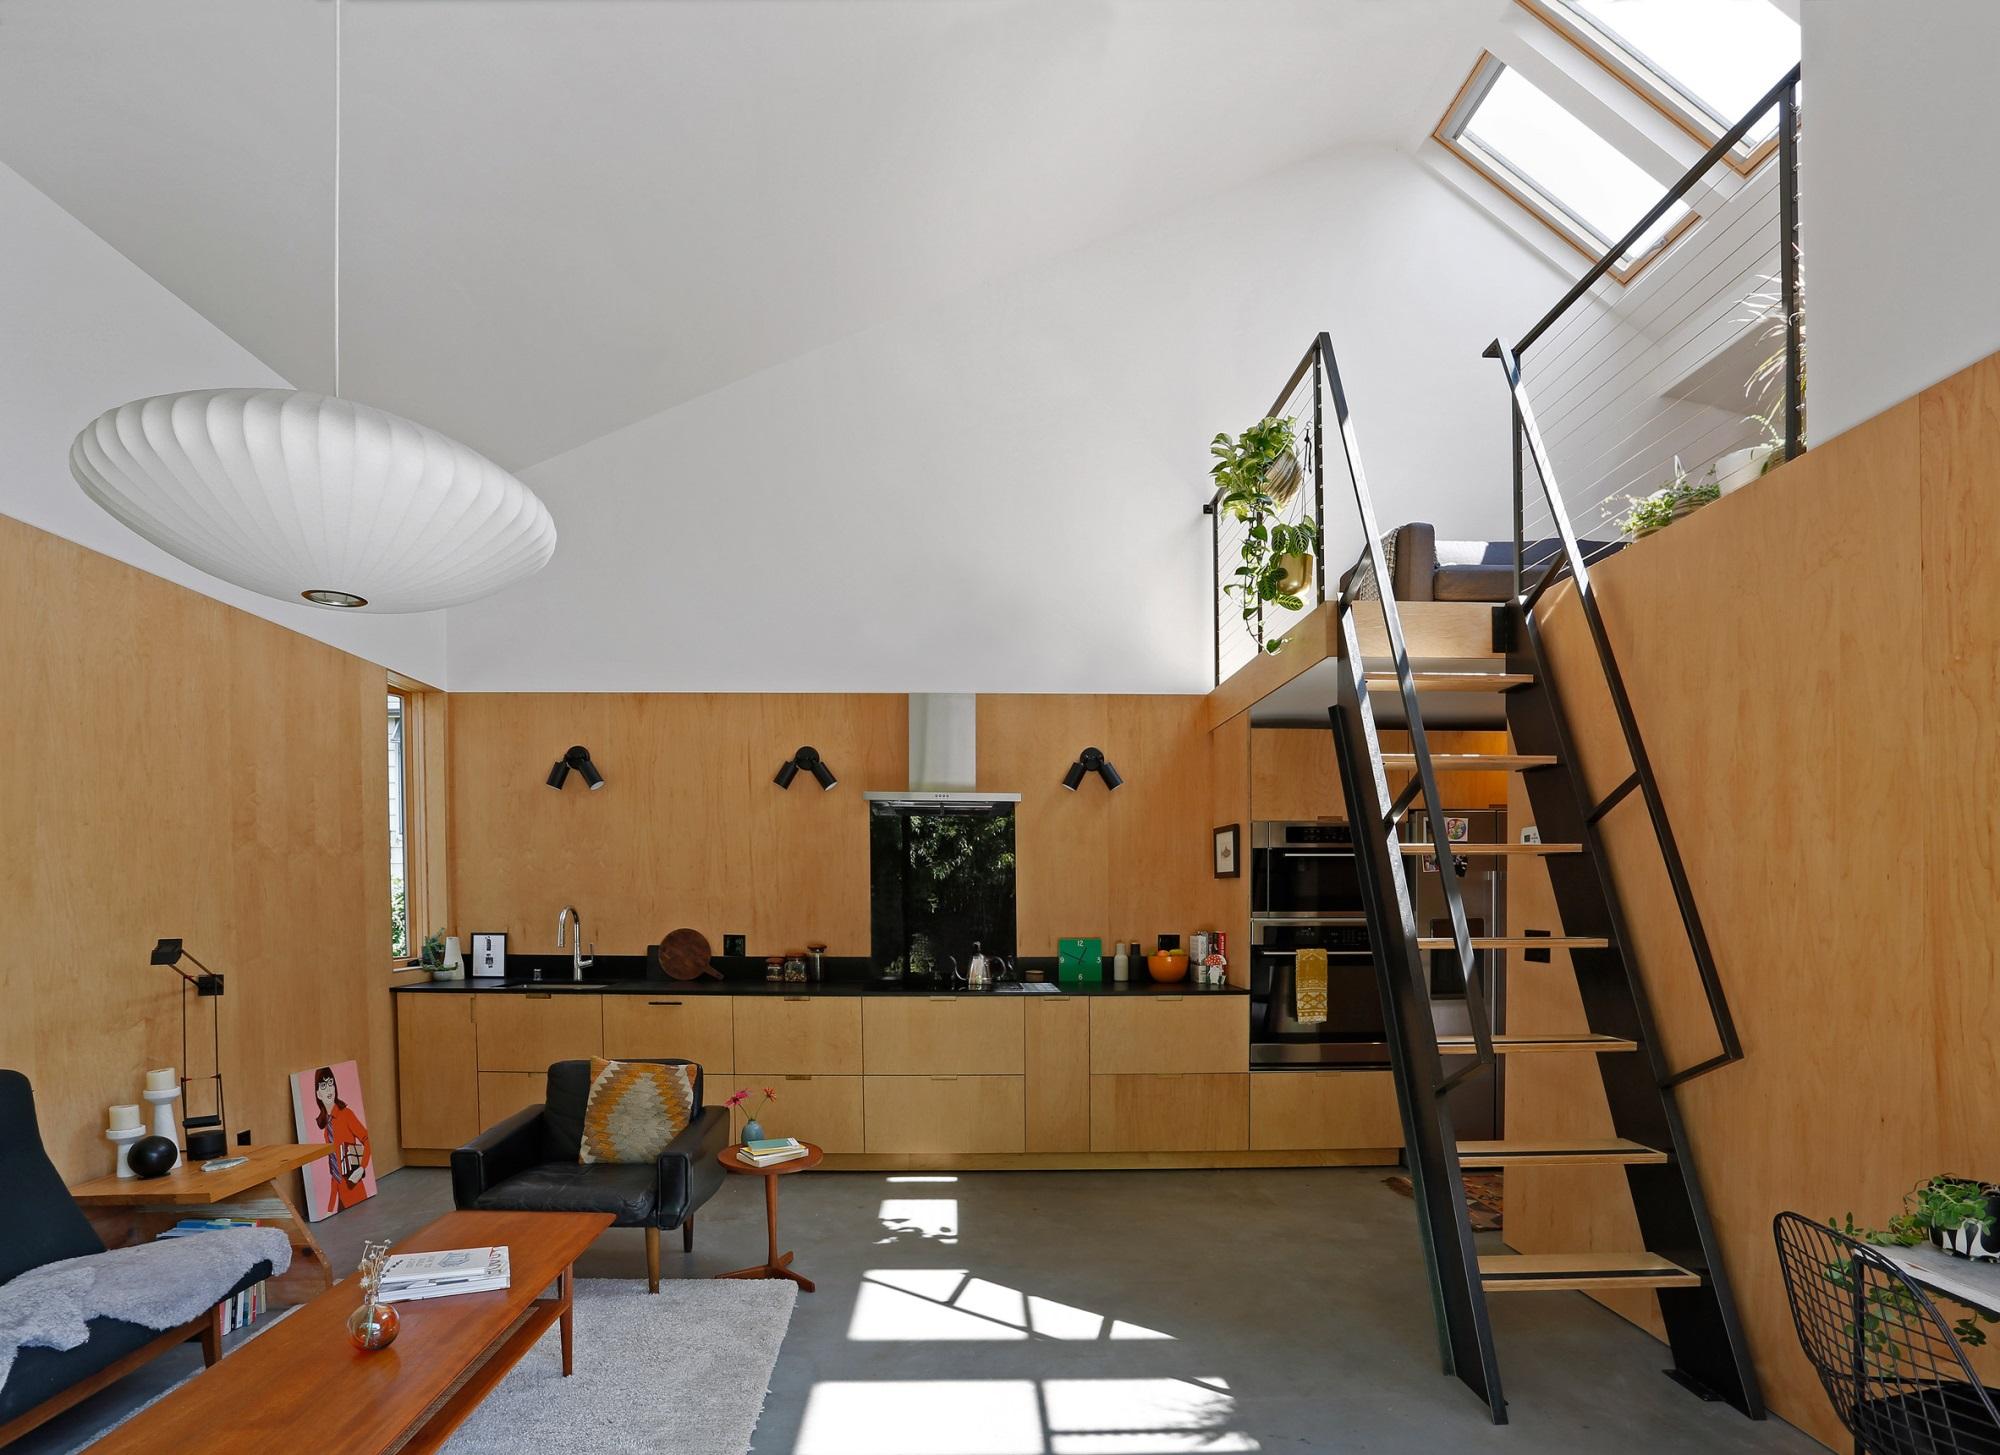 Ngôi nhà 54m² nhưng với cách thiết kế sáng tạo đã biến mặt tiền 4m thành 2 không gian vừa cho thuê vừa sử dụng tách biệt - Ảnh 4